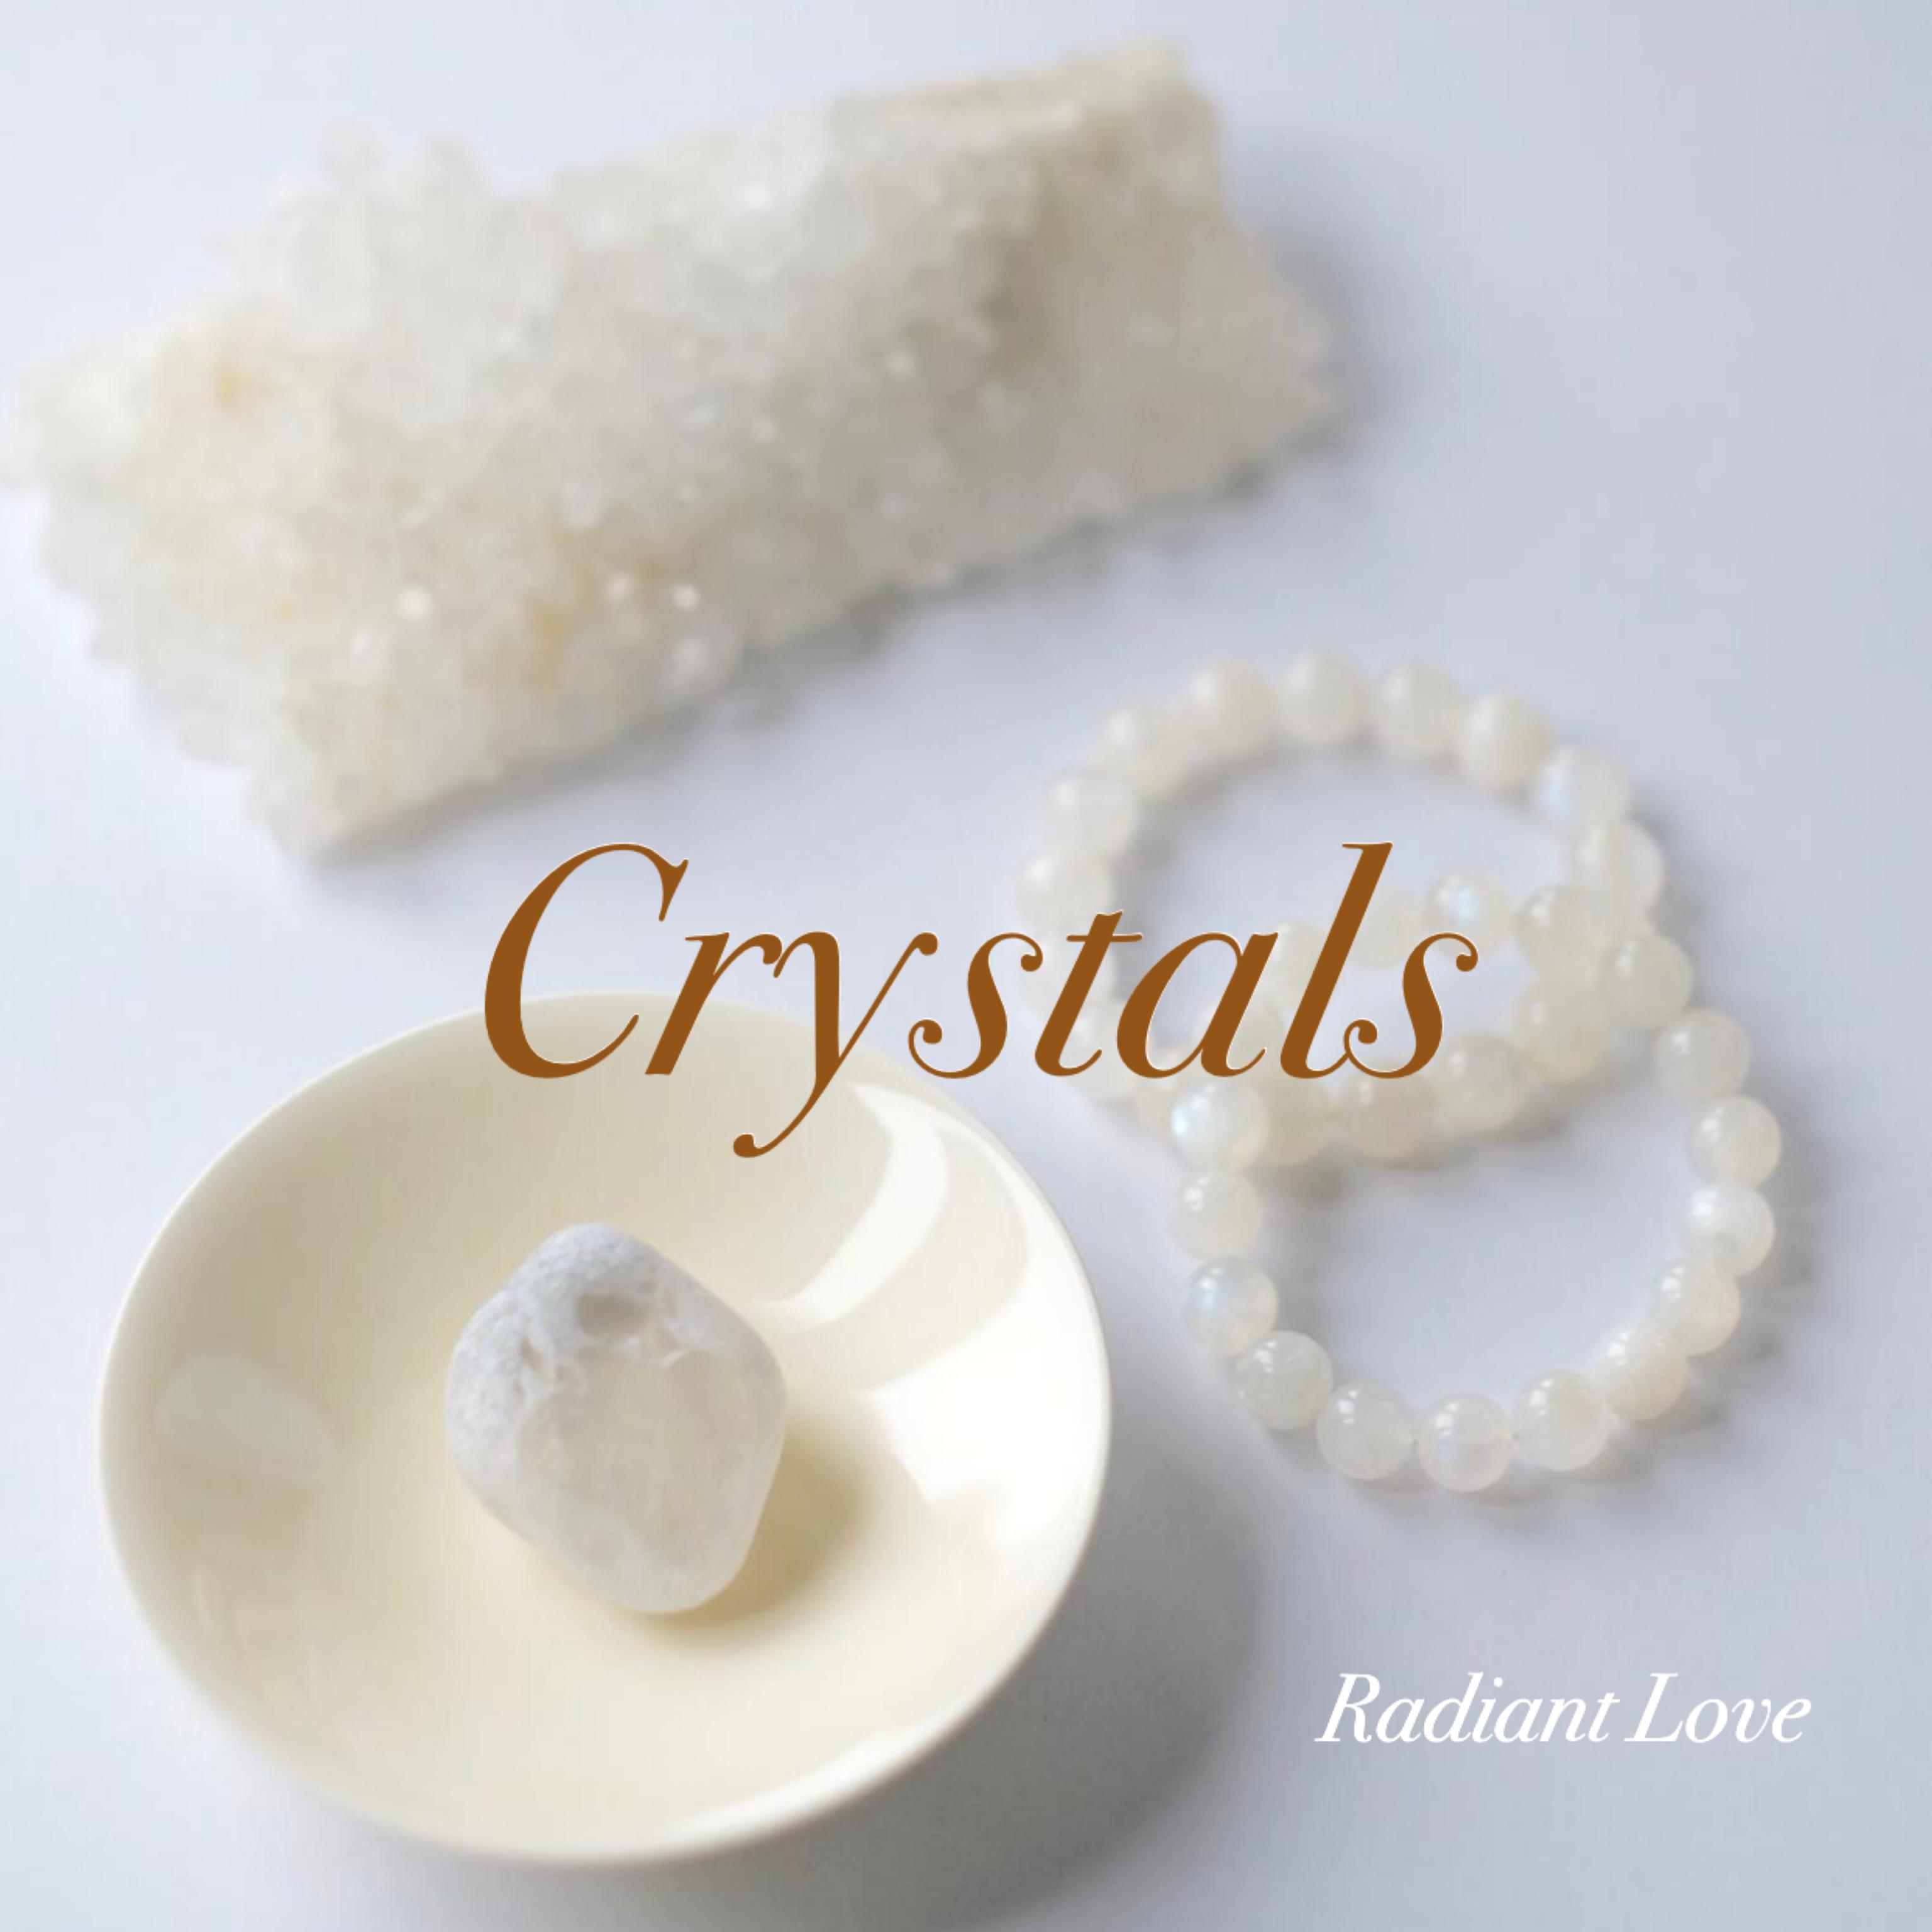 水晶 Crystals